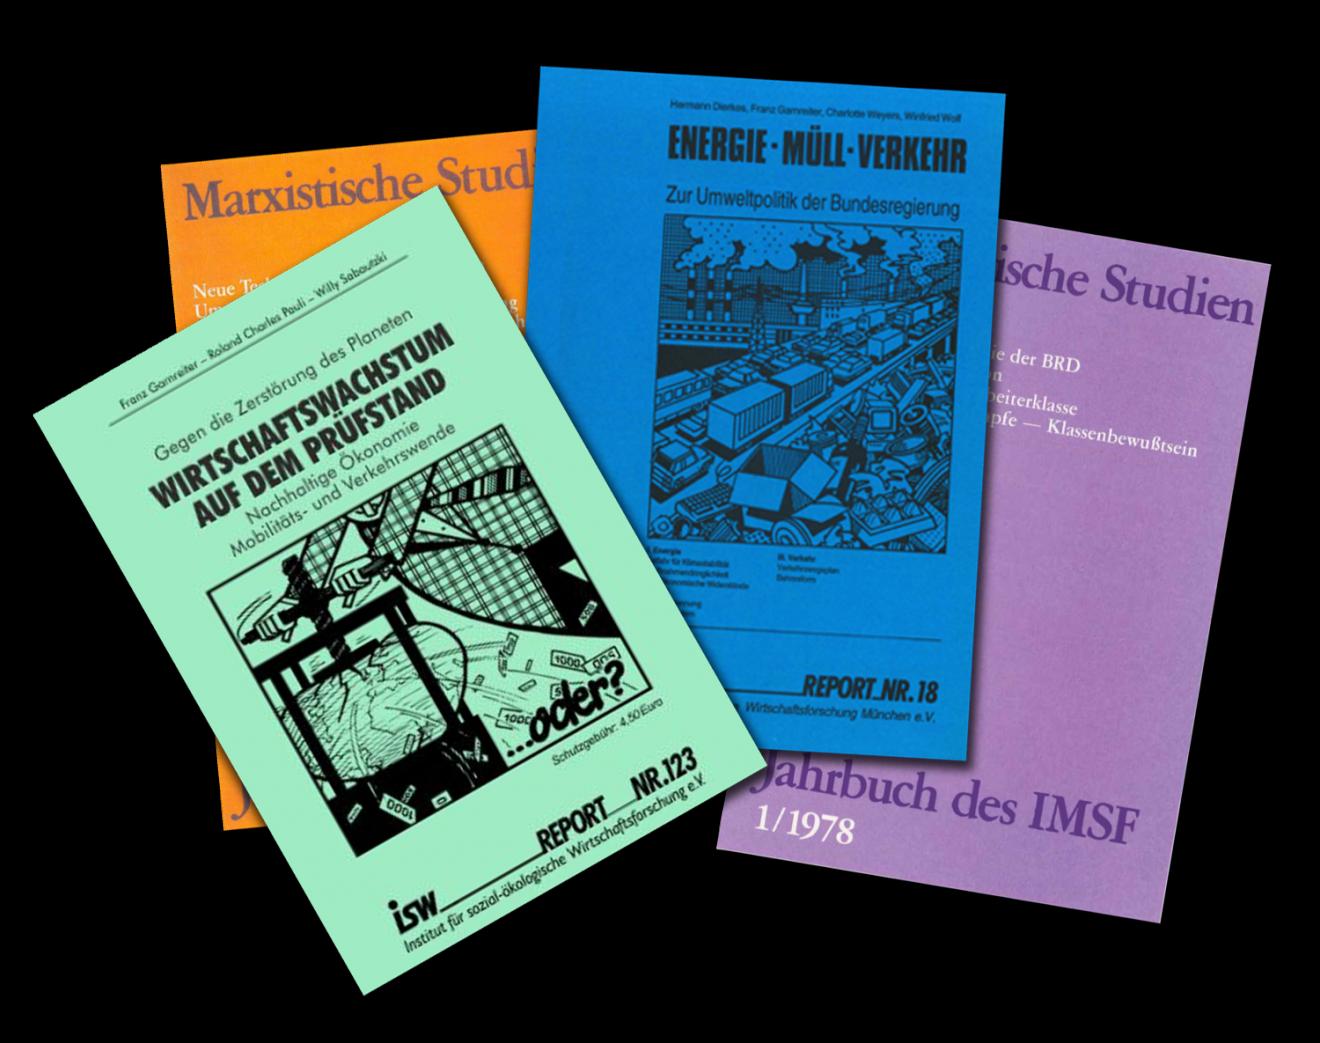 30 Jahre isw: Gesellschaftskritische Kapitalismusanalyse und sorgfältige Recherche